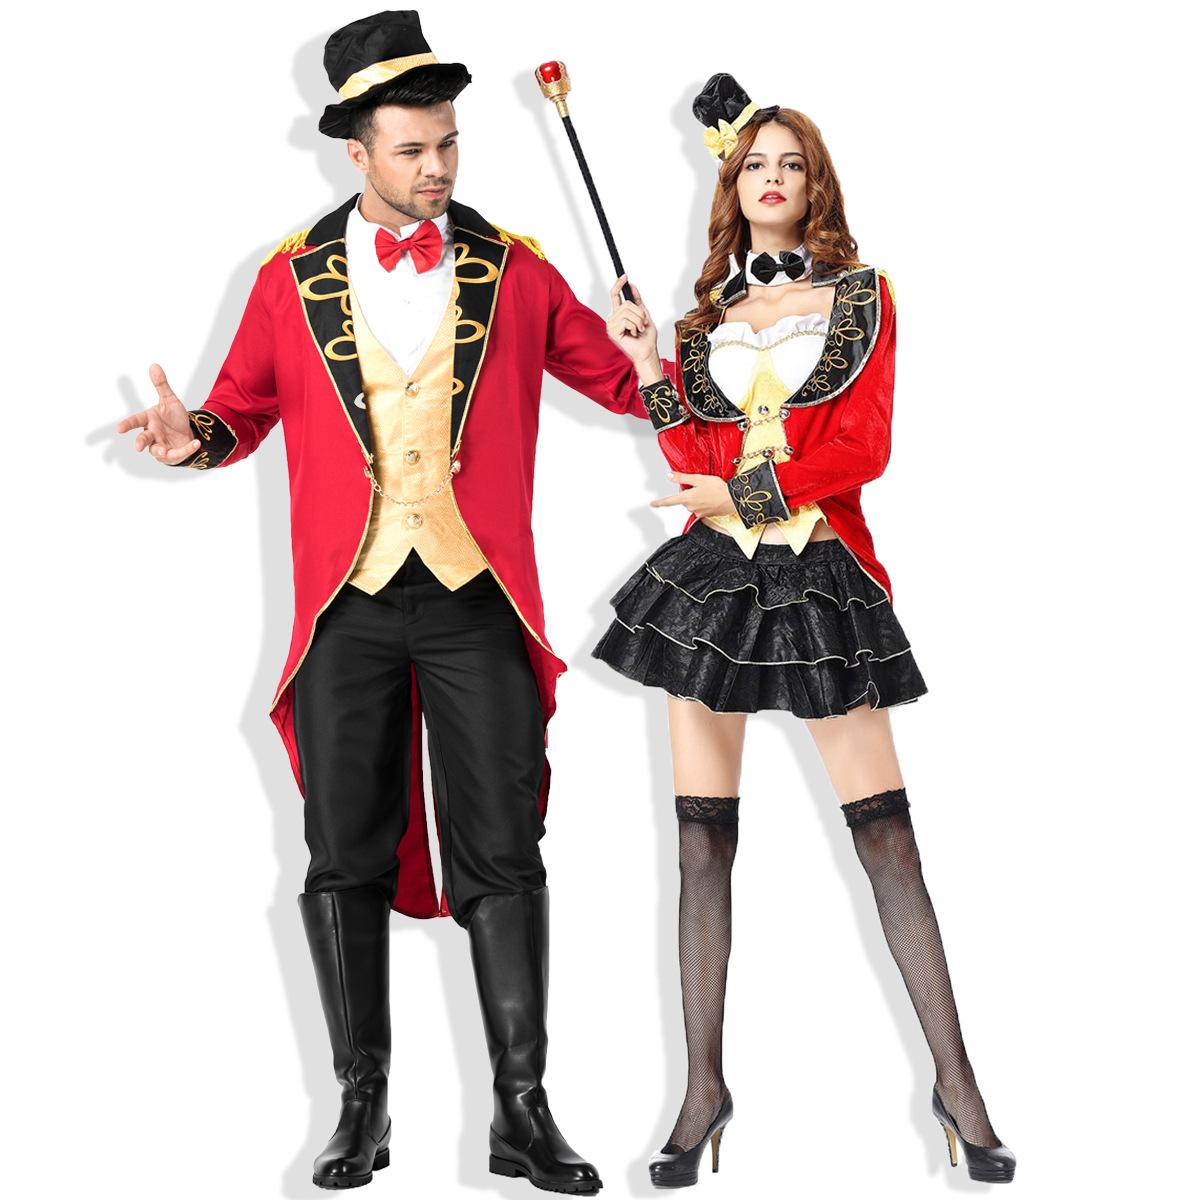 新しいハロウィンの女性マジシャンの衣装のサーカス伯爵の燕尾服のカップルのコスプレ衣装